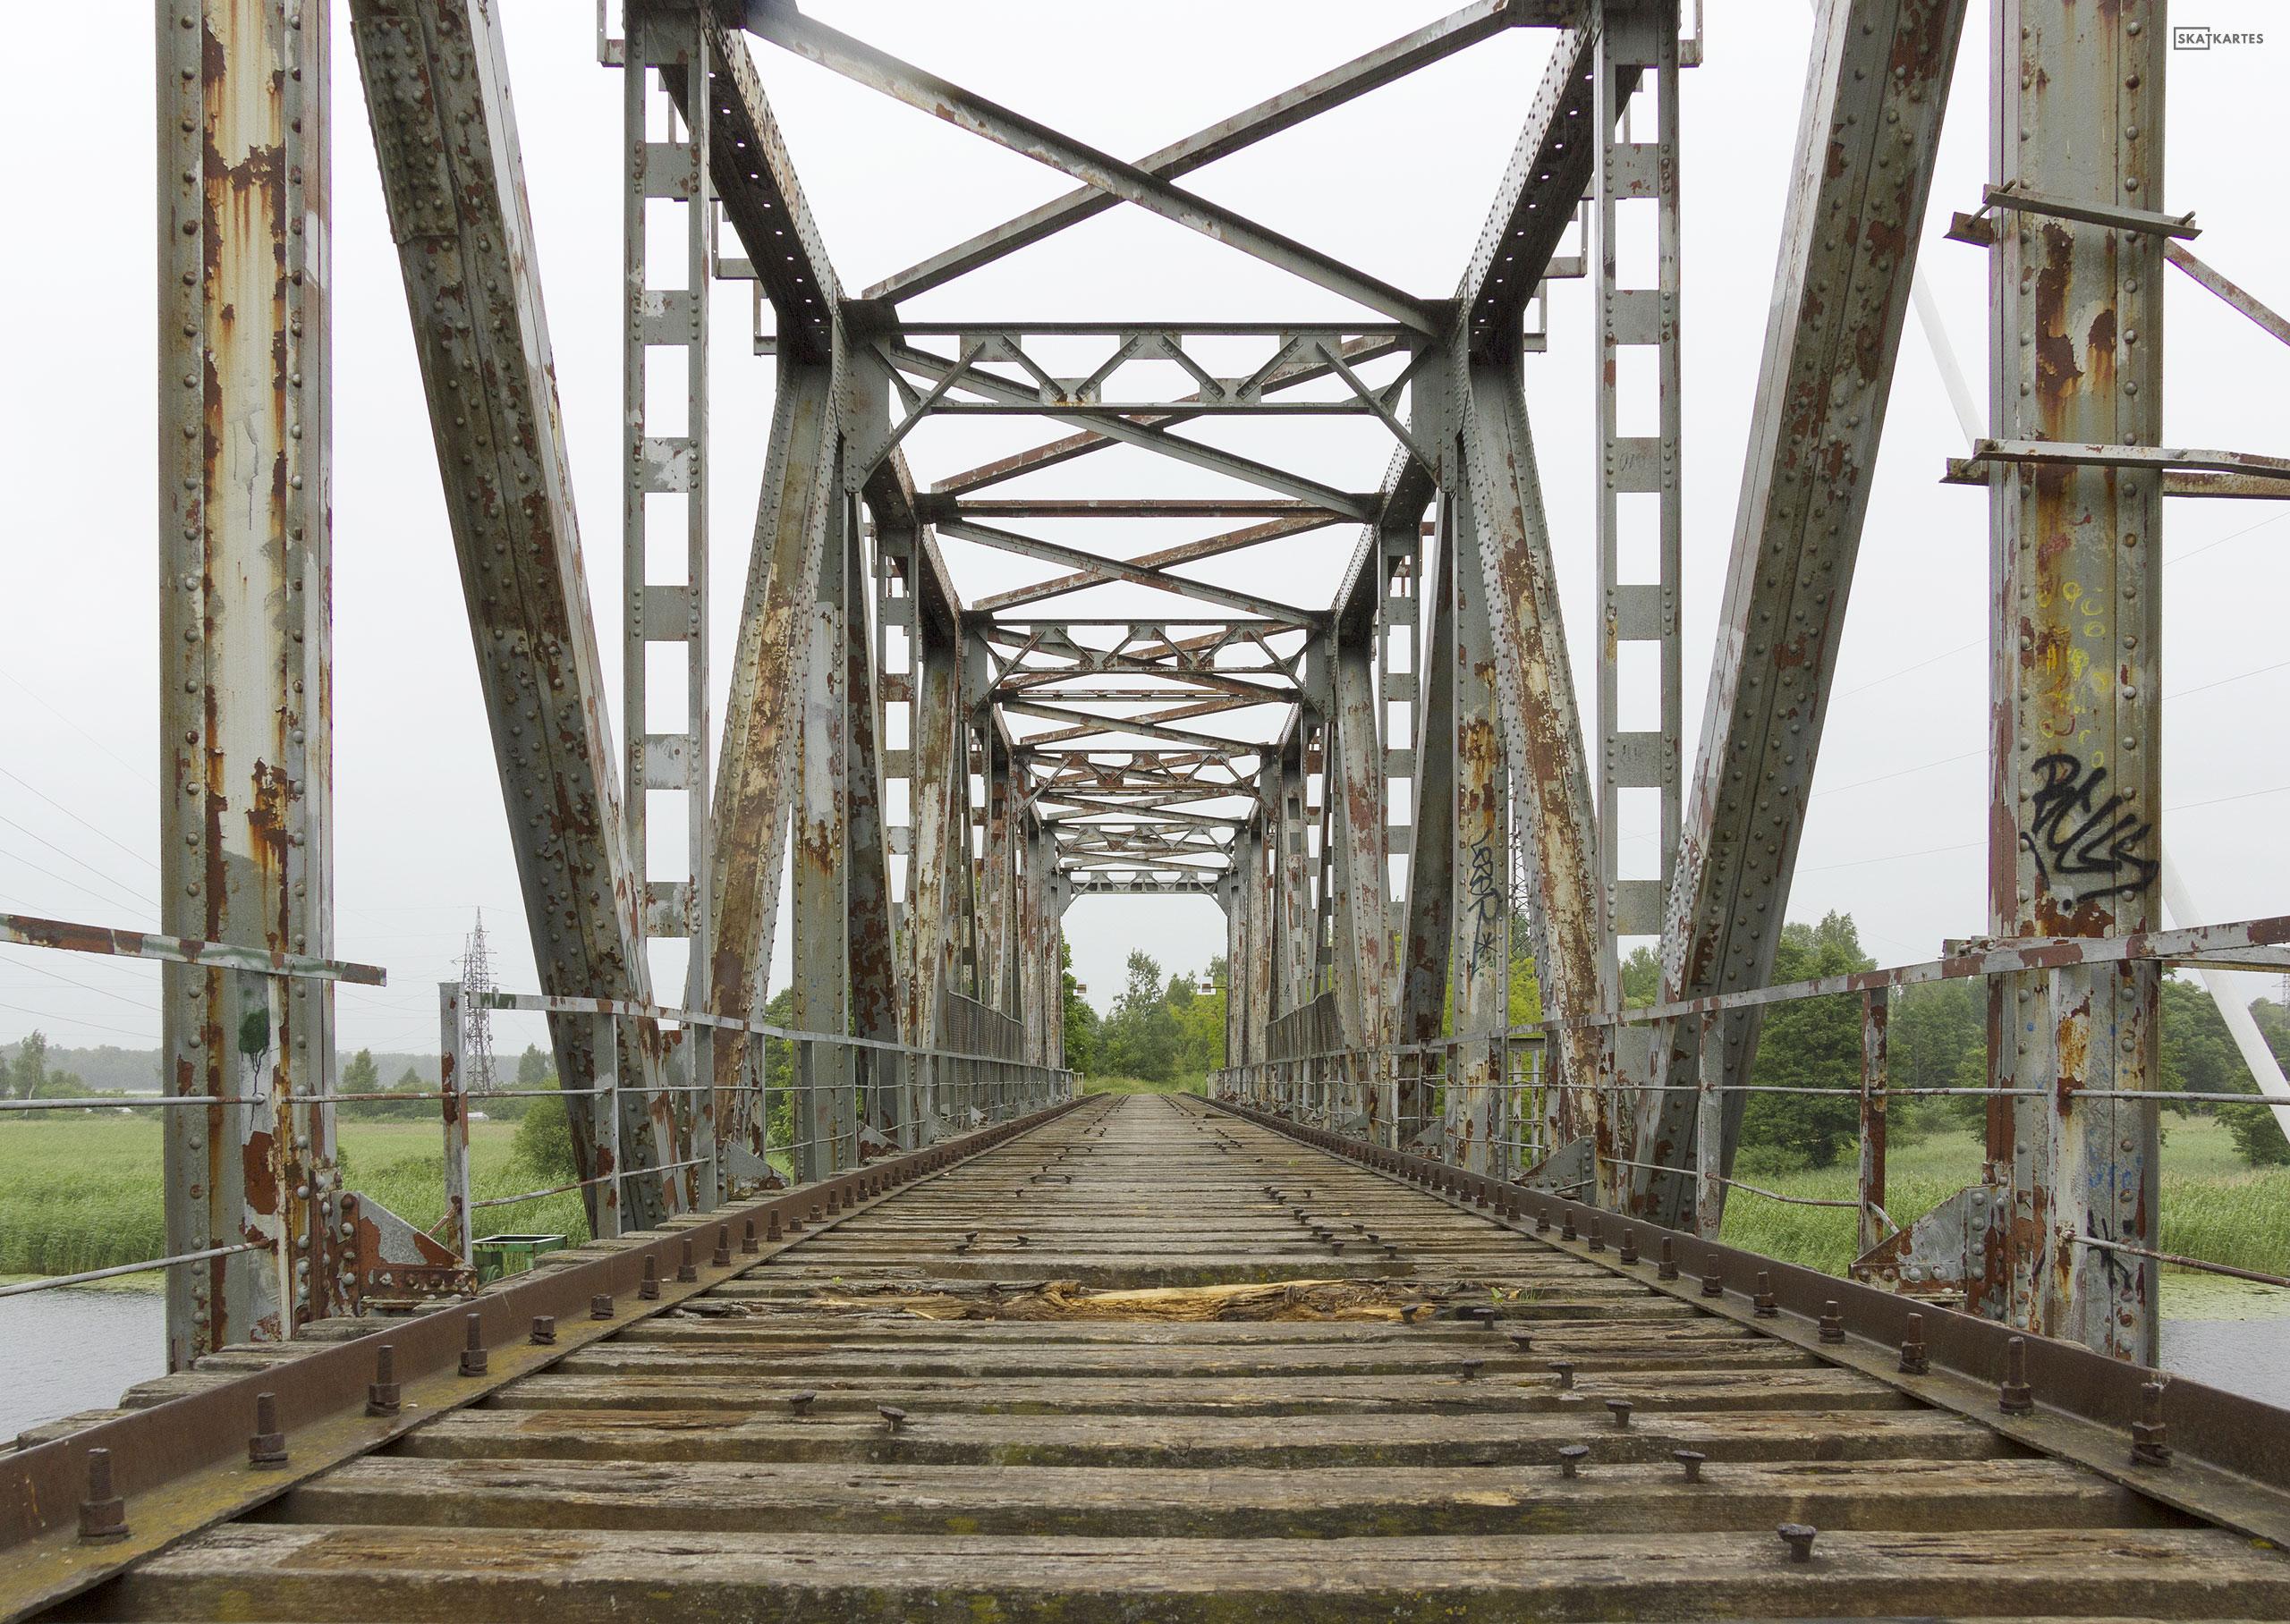 Skatkarte Nr. 1184 - Vecais, pamestais Juglas dzelzceļa tilts (2015. gada aprīlis).